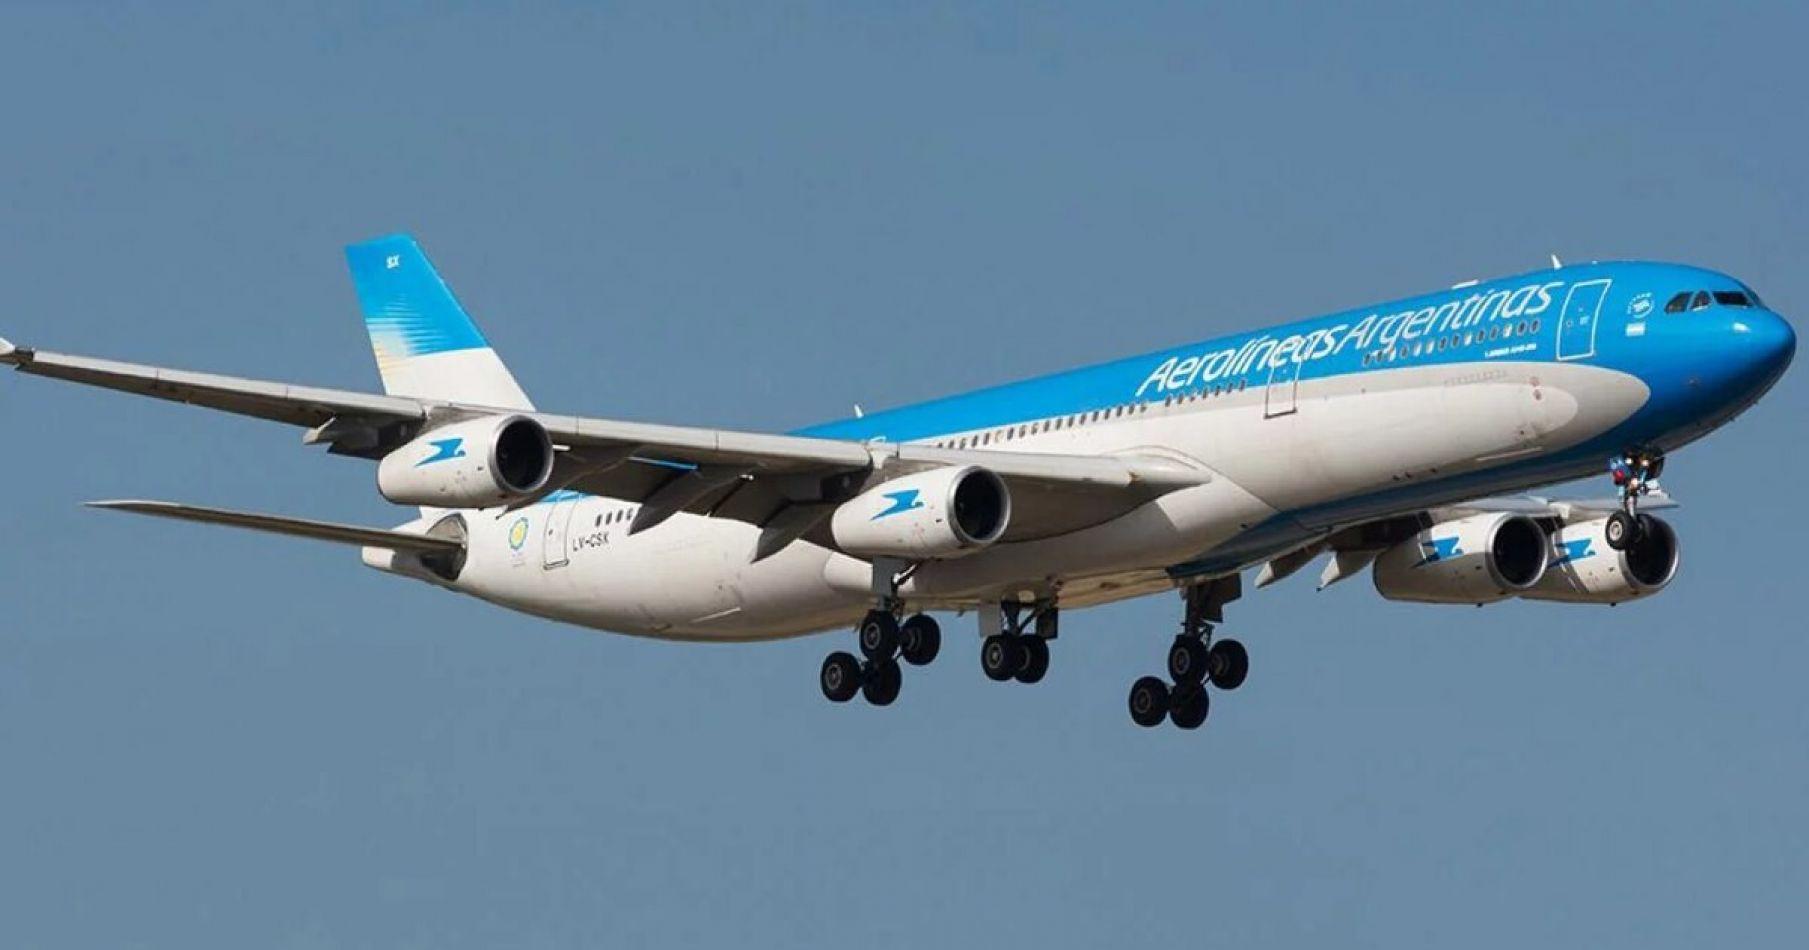 Aterrizaje de emergencia en el aeropuerto de Río Grande